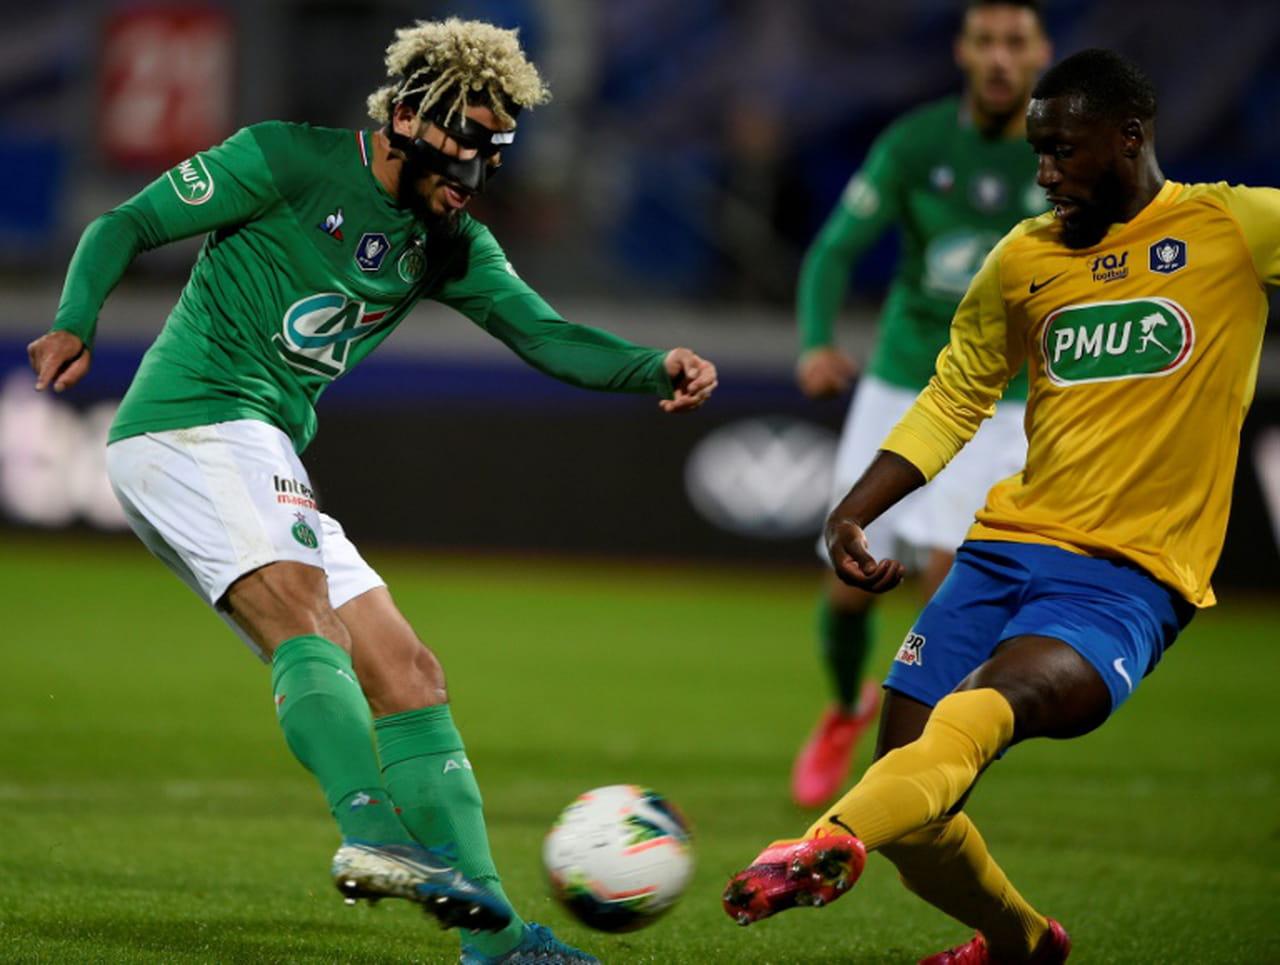 Coupe de France: Saint-Etienne arrache son billet pour les demies, fin du rêve pour Epinal